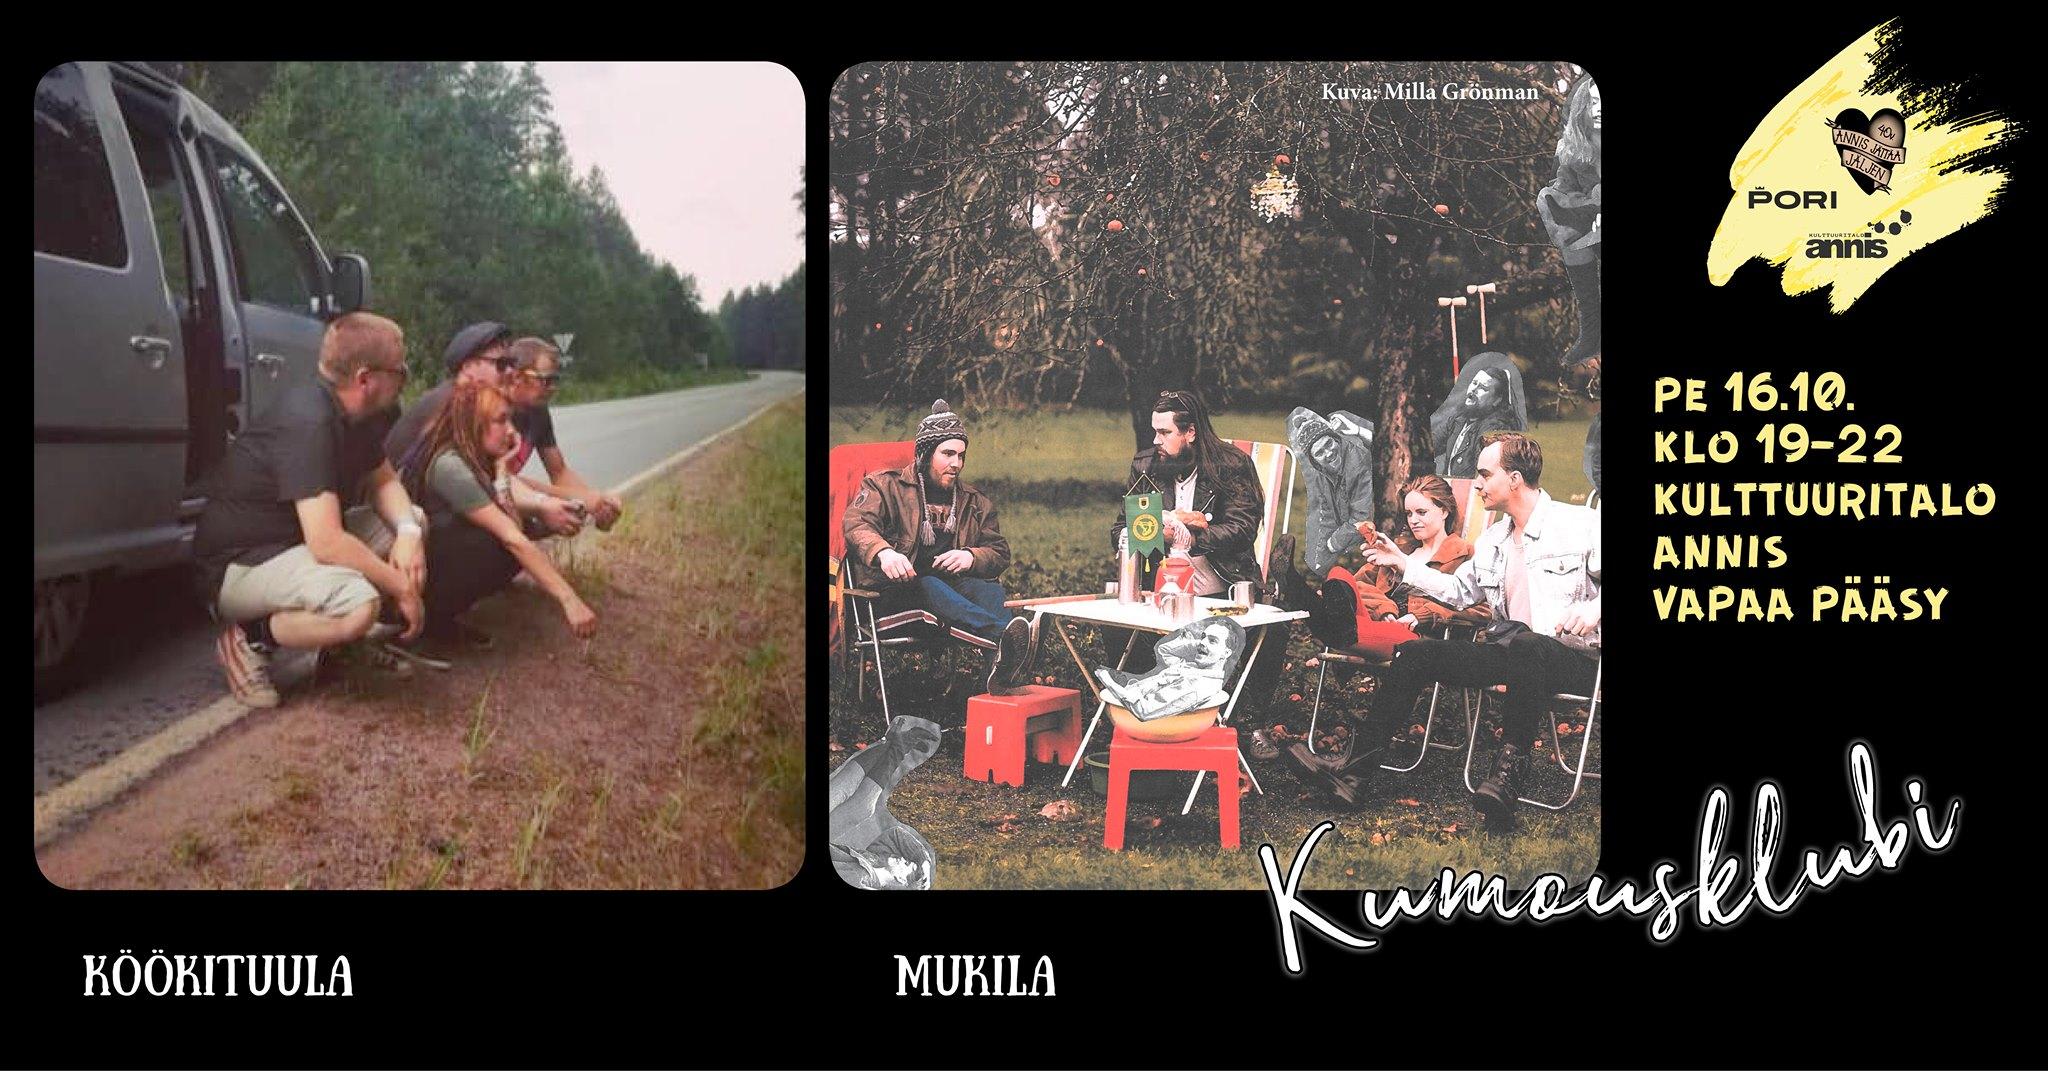 Kulttuuritalo Annis: Kumousklubilla Köökituula ja Mukila